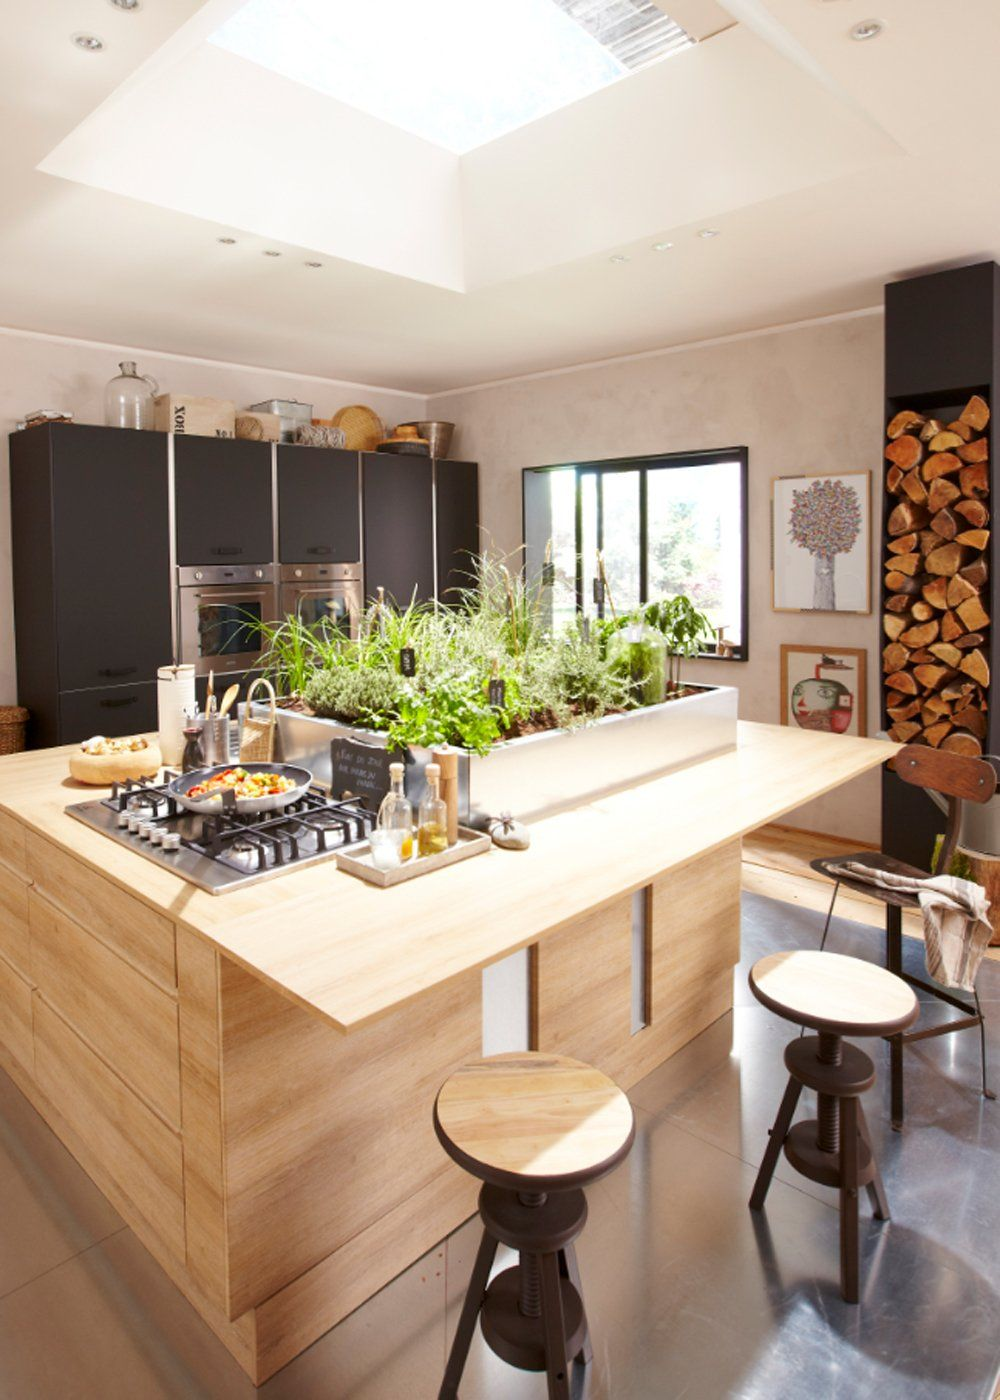 Cuisine Ilot Ce Qu On A Repere Chez Les Cuisinistes Kitchen Furniture Kitchen Kitchen Decor